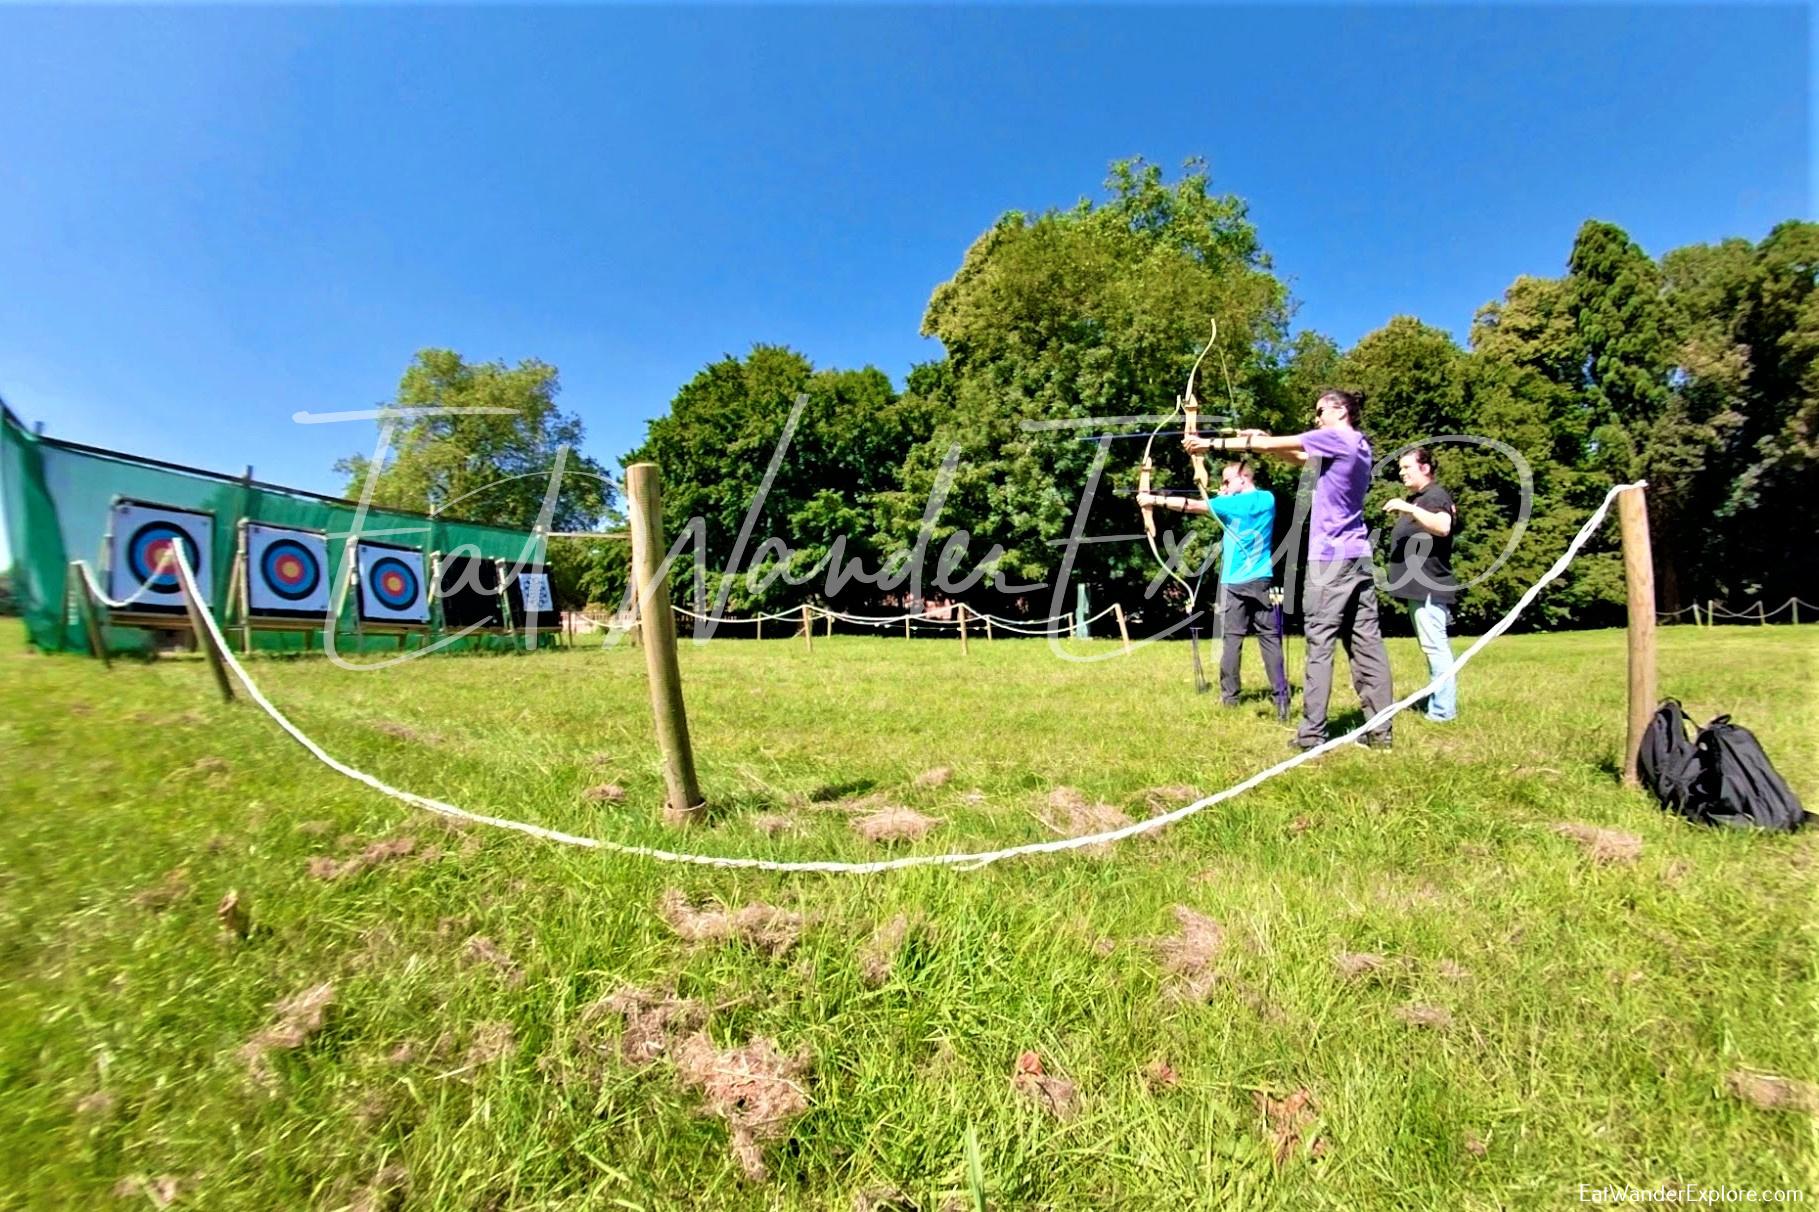 Archery like Robin Hood in Nottingham